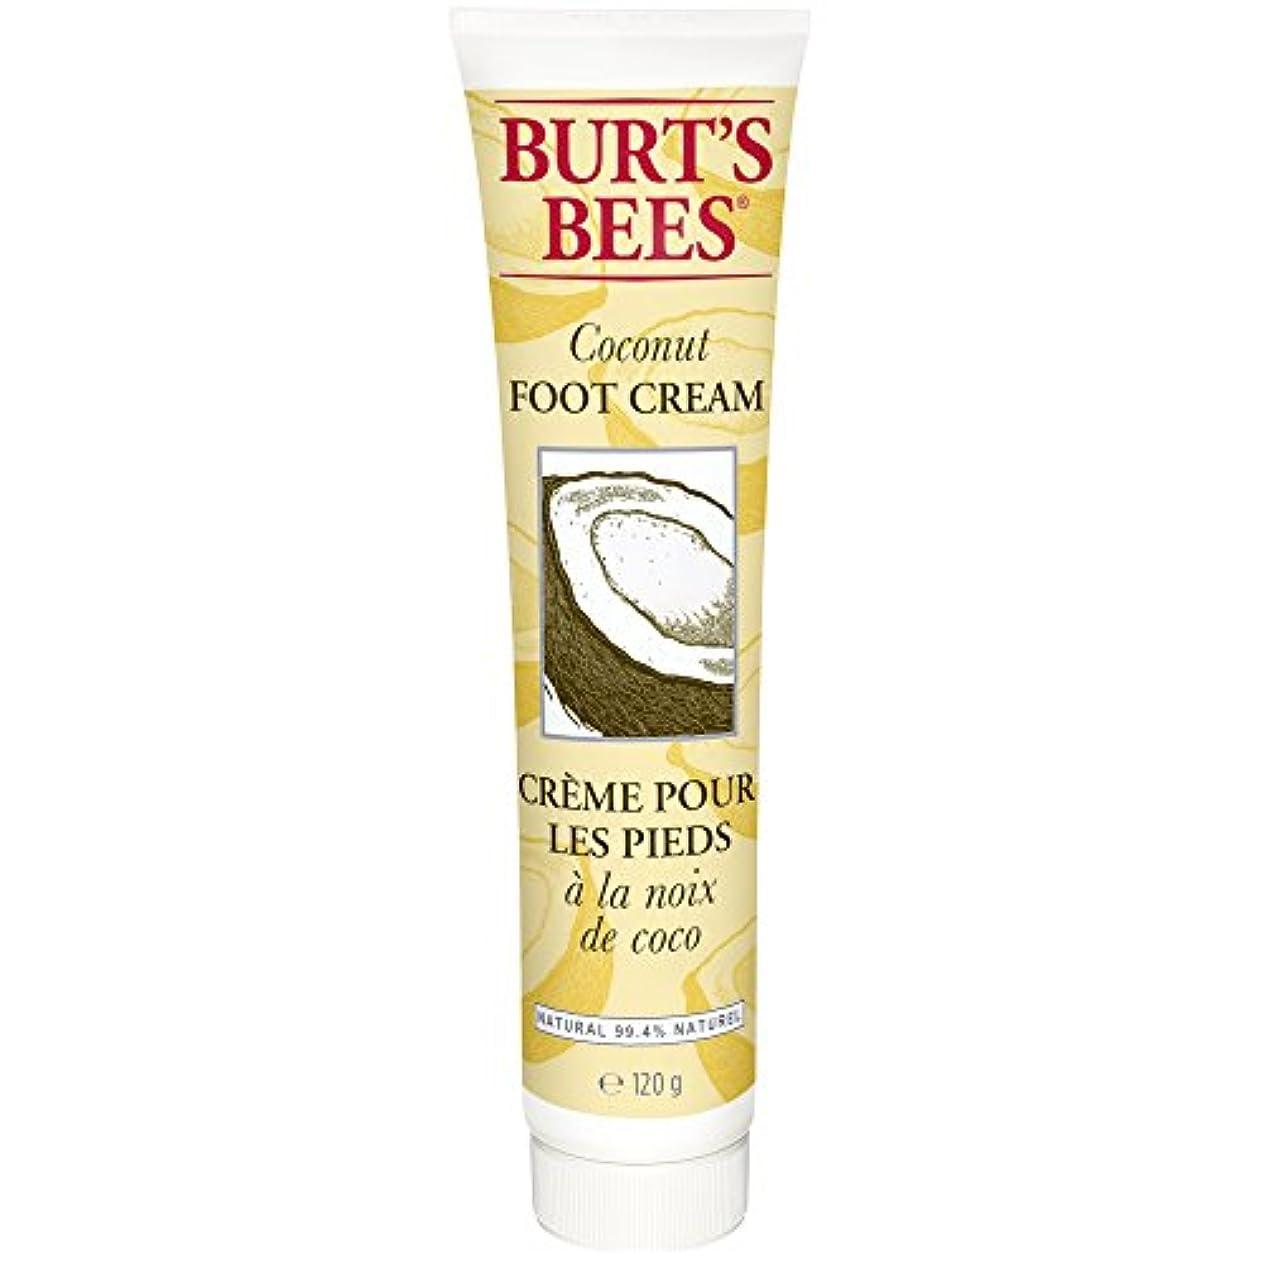 栄光の栄光の取得バーツビーのココナッツフットクリーム123グラム (Burt's Bees) - Burt's Bees Coconut Foot Creme 123g [並行輸入品]